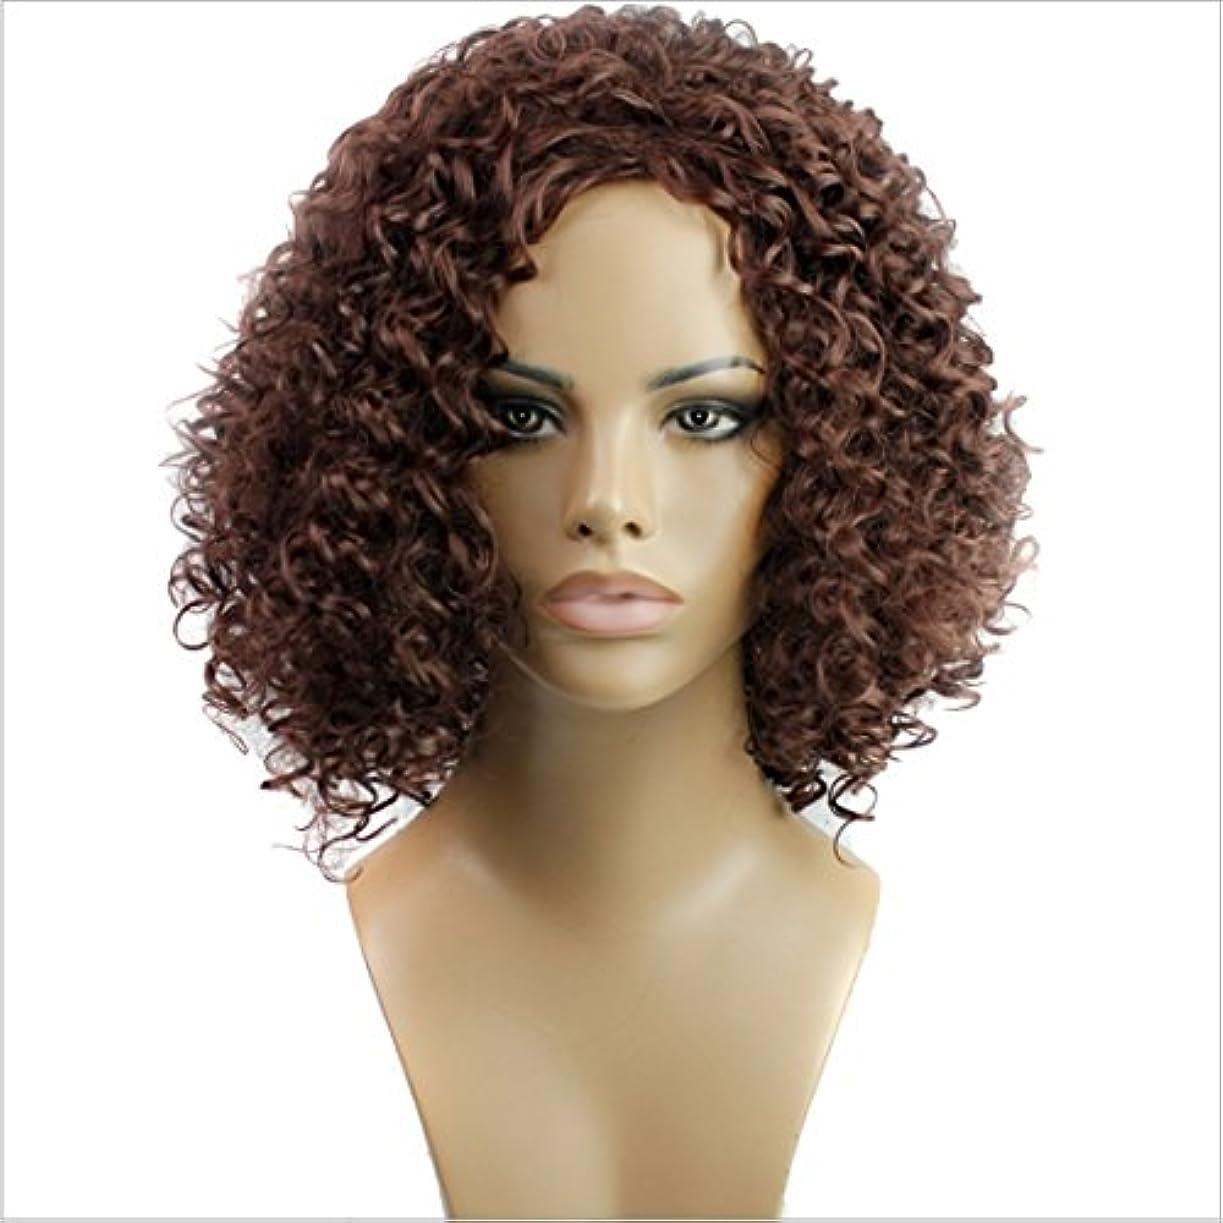 同一のに対応する重大YOUQIU 長い前髪髪ナチュラルカラーウィッグ耐熱210グラムで女子ショートカーリーウィッグのために15インチの合成高温ウィッグ(ワインレッド、黒)ウィッグ (色 : ワインレッド)